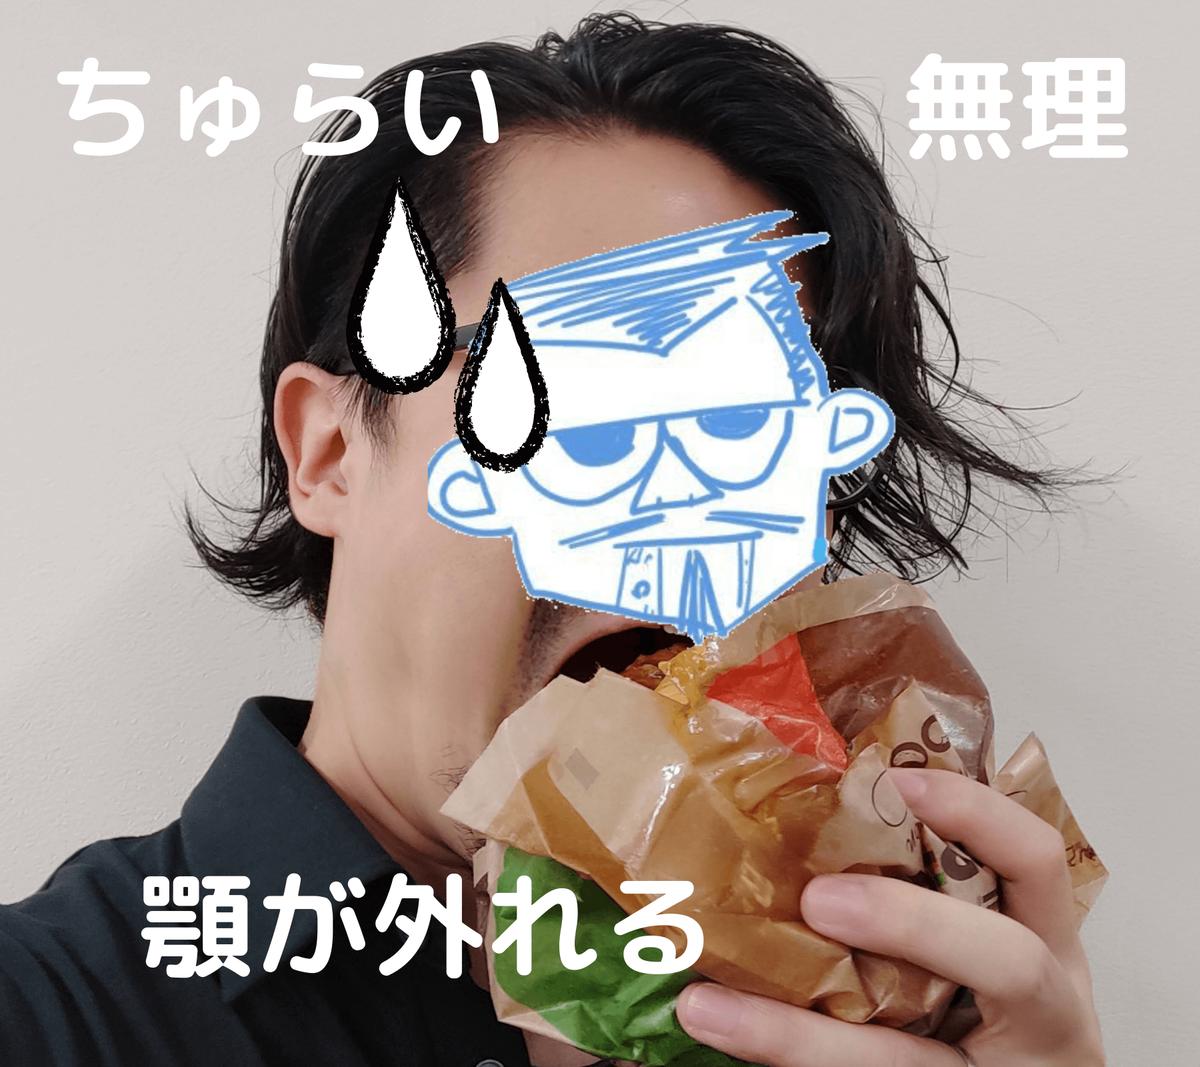 東京テリヤキタワー超ワンパウンドビーフバーガーを食べてみた